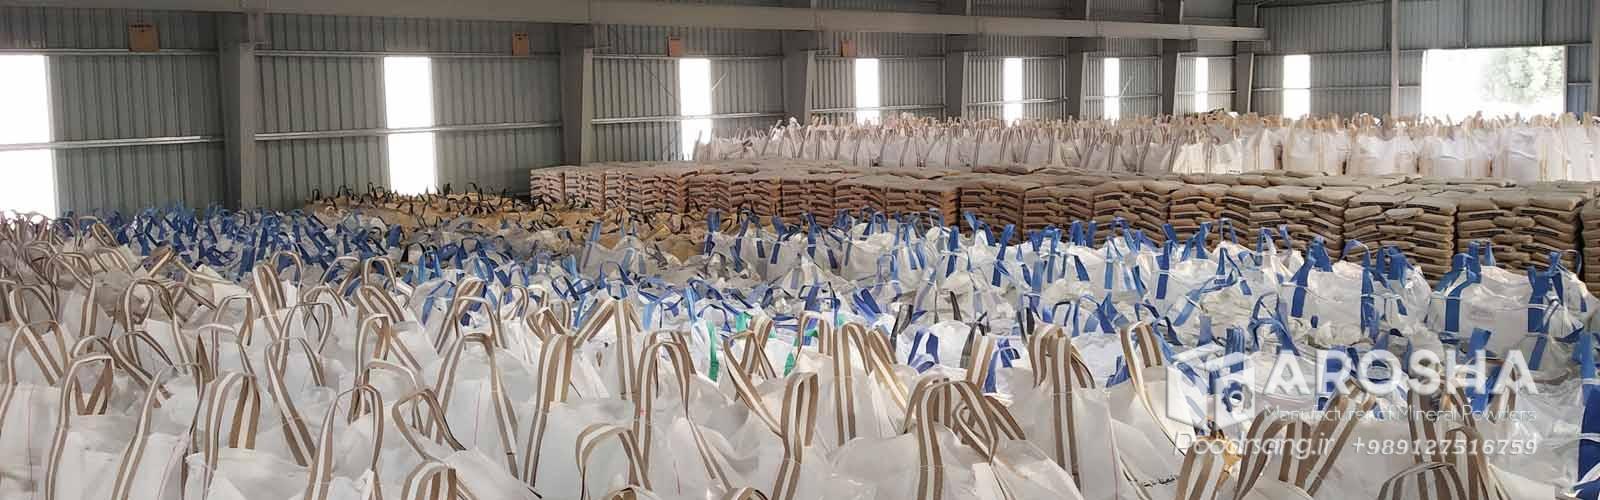 فروش کربنات کلسیم در اصفهان (2)